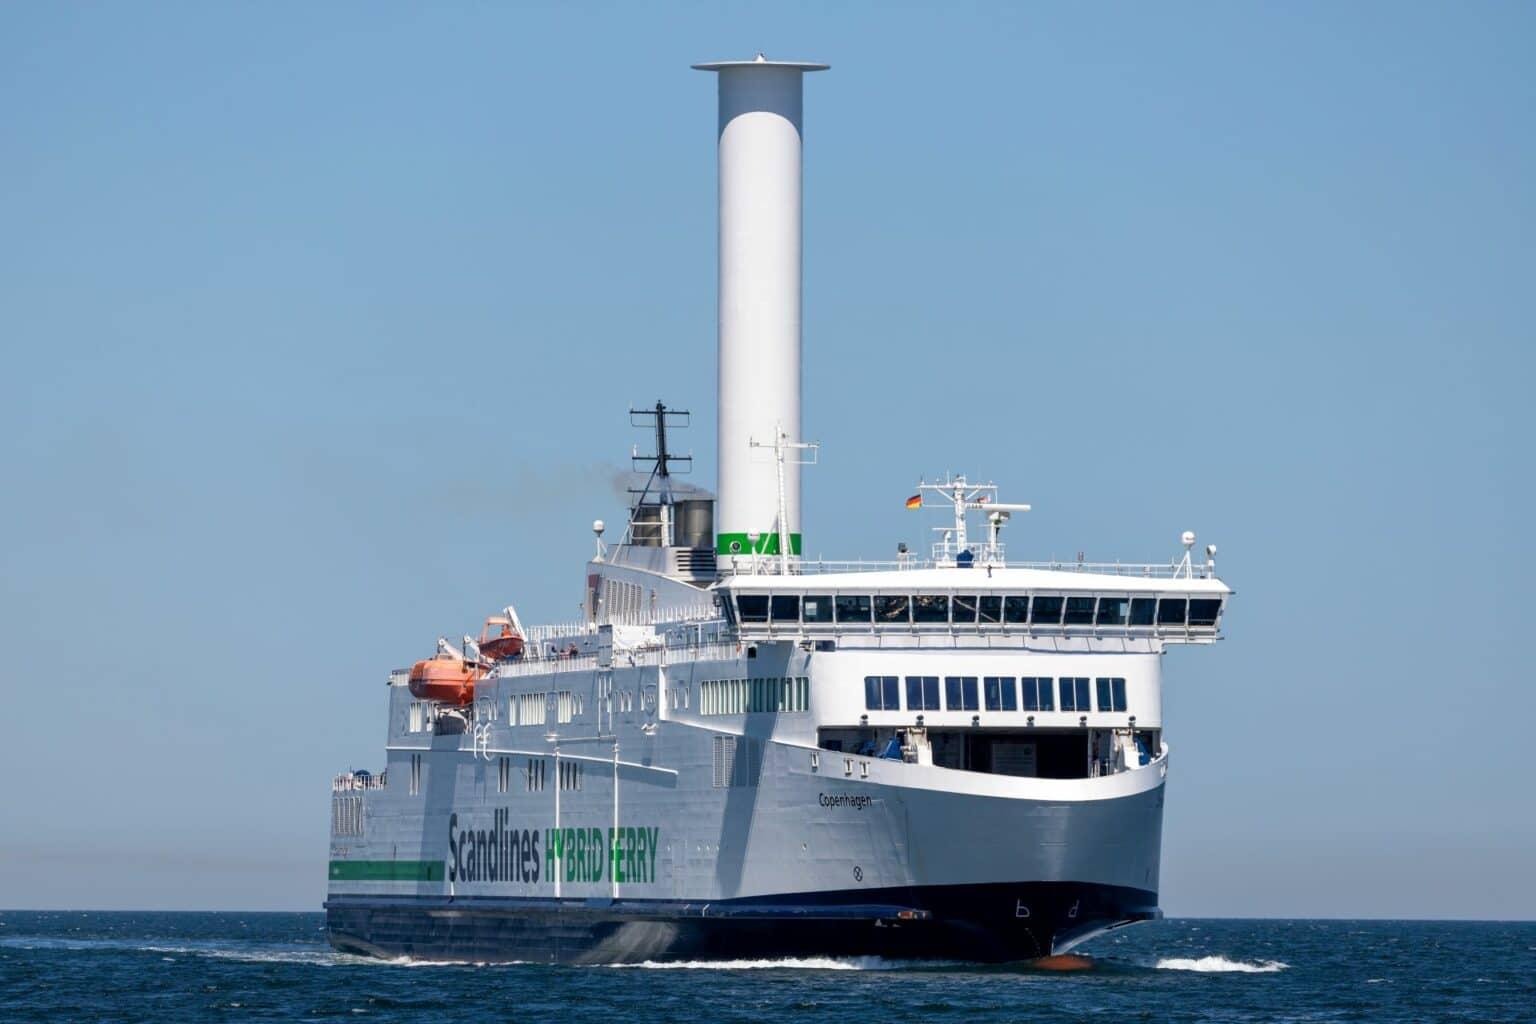 Das Rotor-segelschiff Copenhagen fährt auf dem Wasser